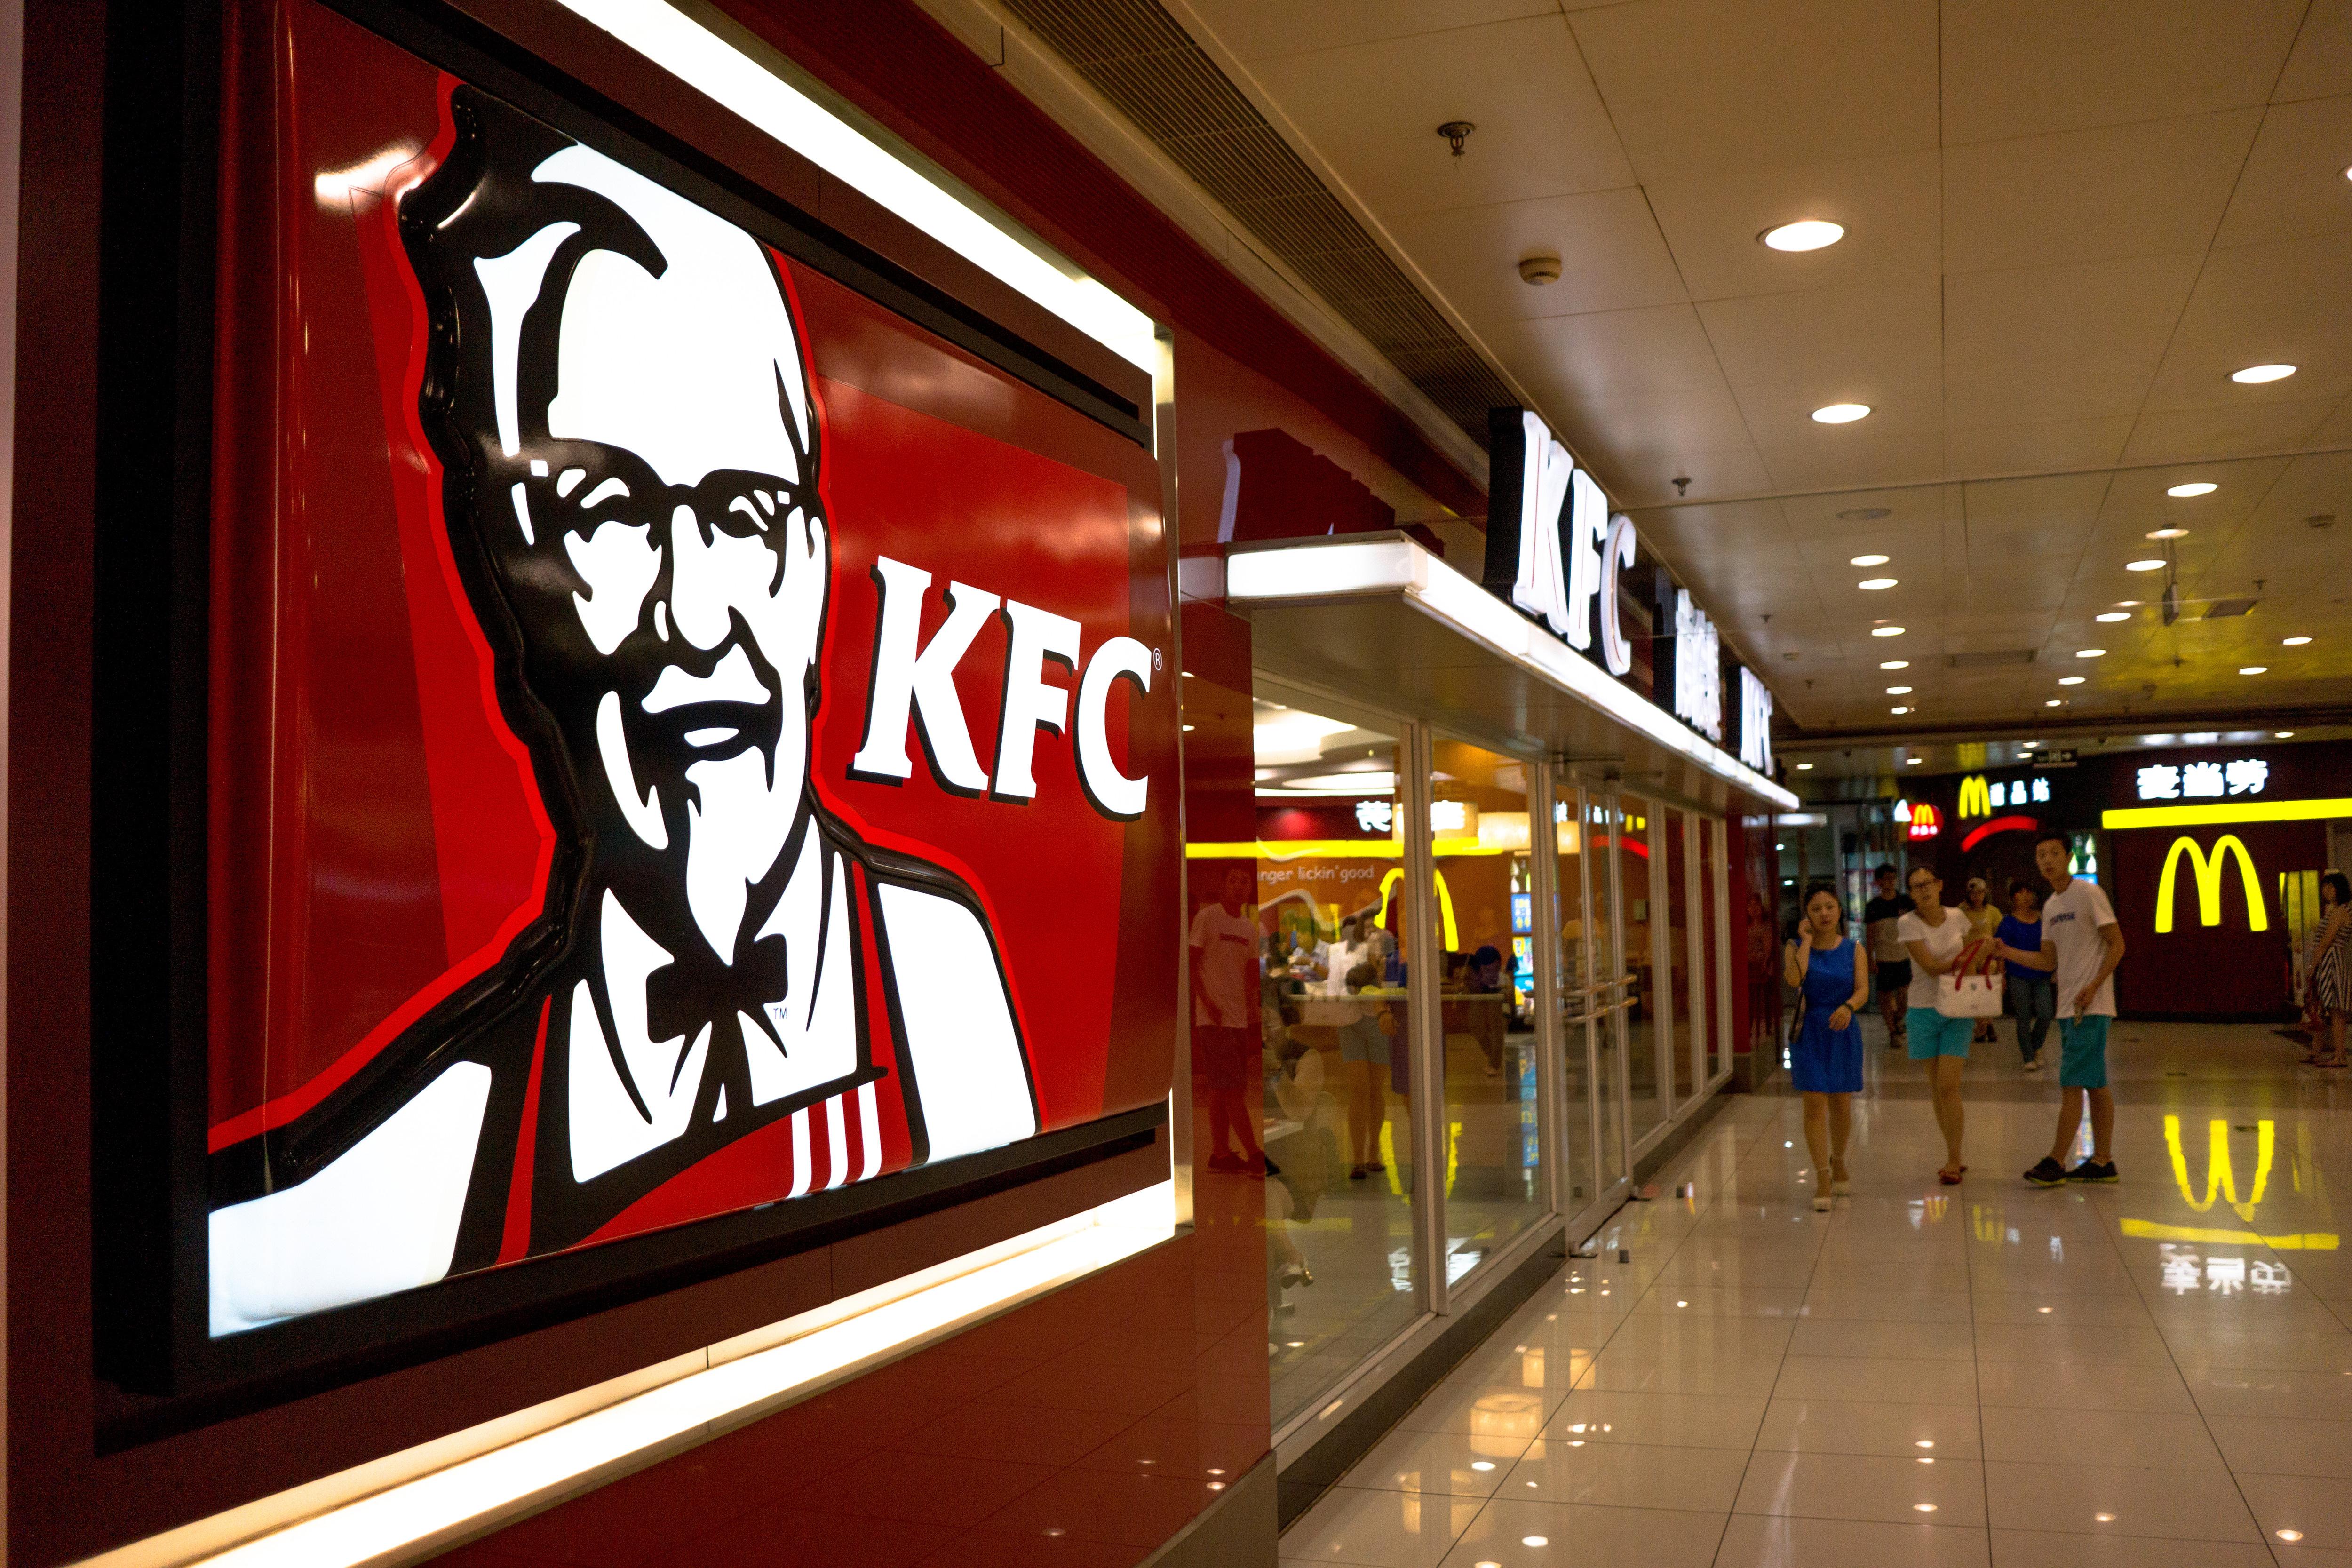 Pandemia trimite Sphera Group, administratorul KFC şi Pizza Hut în România, pe pierderi de 22 mil. lei în S1/2020. Vânzările, în scădere cu 32%